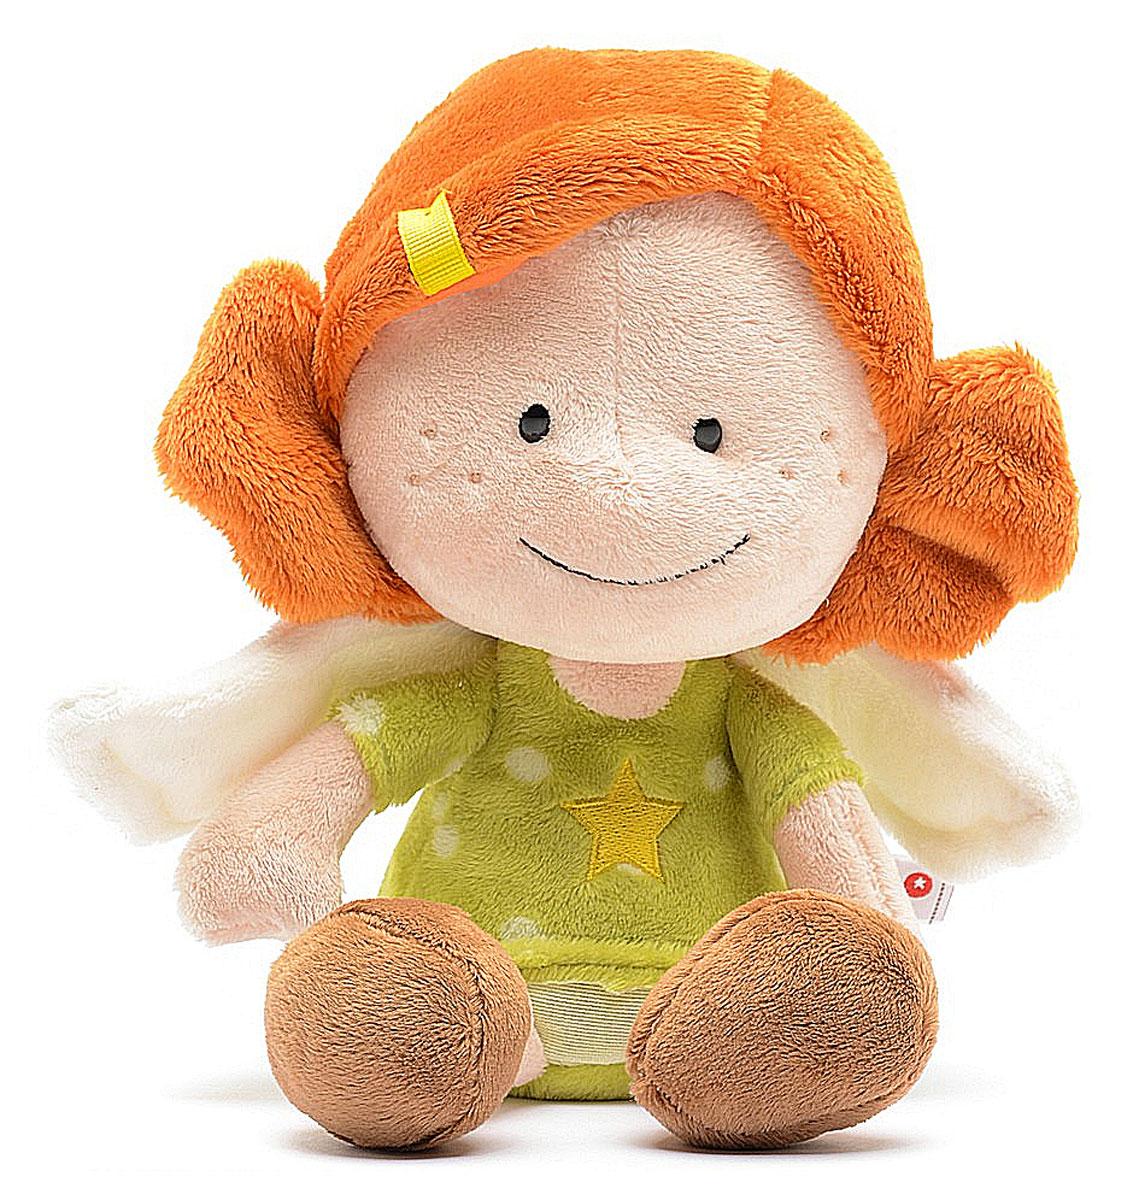 Nici Мягкая игрушка Ангел-хранитель цвет зеленый 26 см37336Мягкая игрушка в виде симпатичной плюшевой девочки-ангелочка с белыми крылышками. Суеверие, предрассудки - скажут прагматики и скептики. А мы говорим, что это работает. Мы, маленькие симпатичные ангелы-хранители, обладаем способностью защищать своих друзей, главное, быть всегда рядом. Вы только поверьте в нас! Яркая и красивая игрушка, безусловно, заинтересуют вашего ребенка и станет гарантией милой искренней улыбки, восторга и отличного настроения у вашего малыша. А ведь помимо этого с ней можно придумать столько забавных игр, или же создать ей новый образ. Удивительно мягкая игрушка принесет радость и подарит своему обладателю мгновения нежных объятий и приятных воспоминаний.